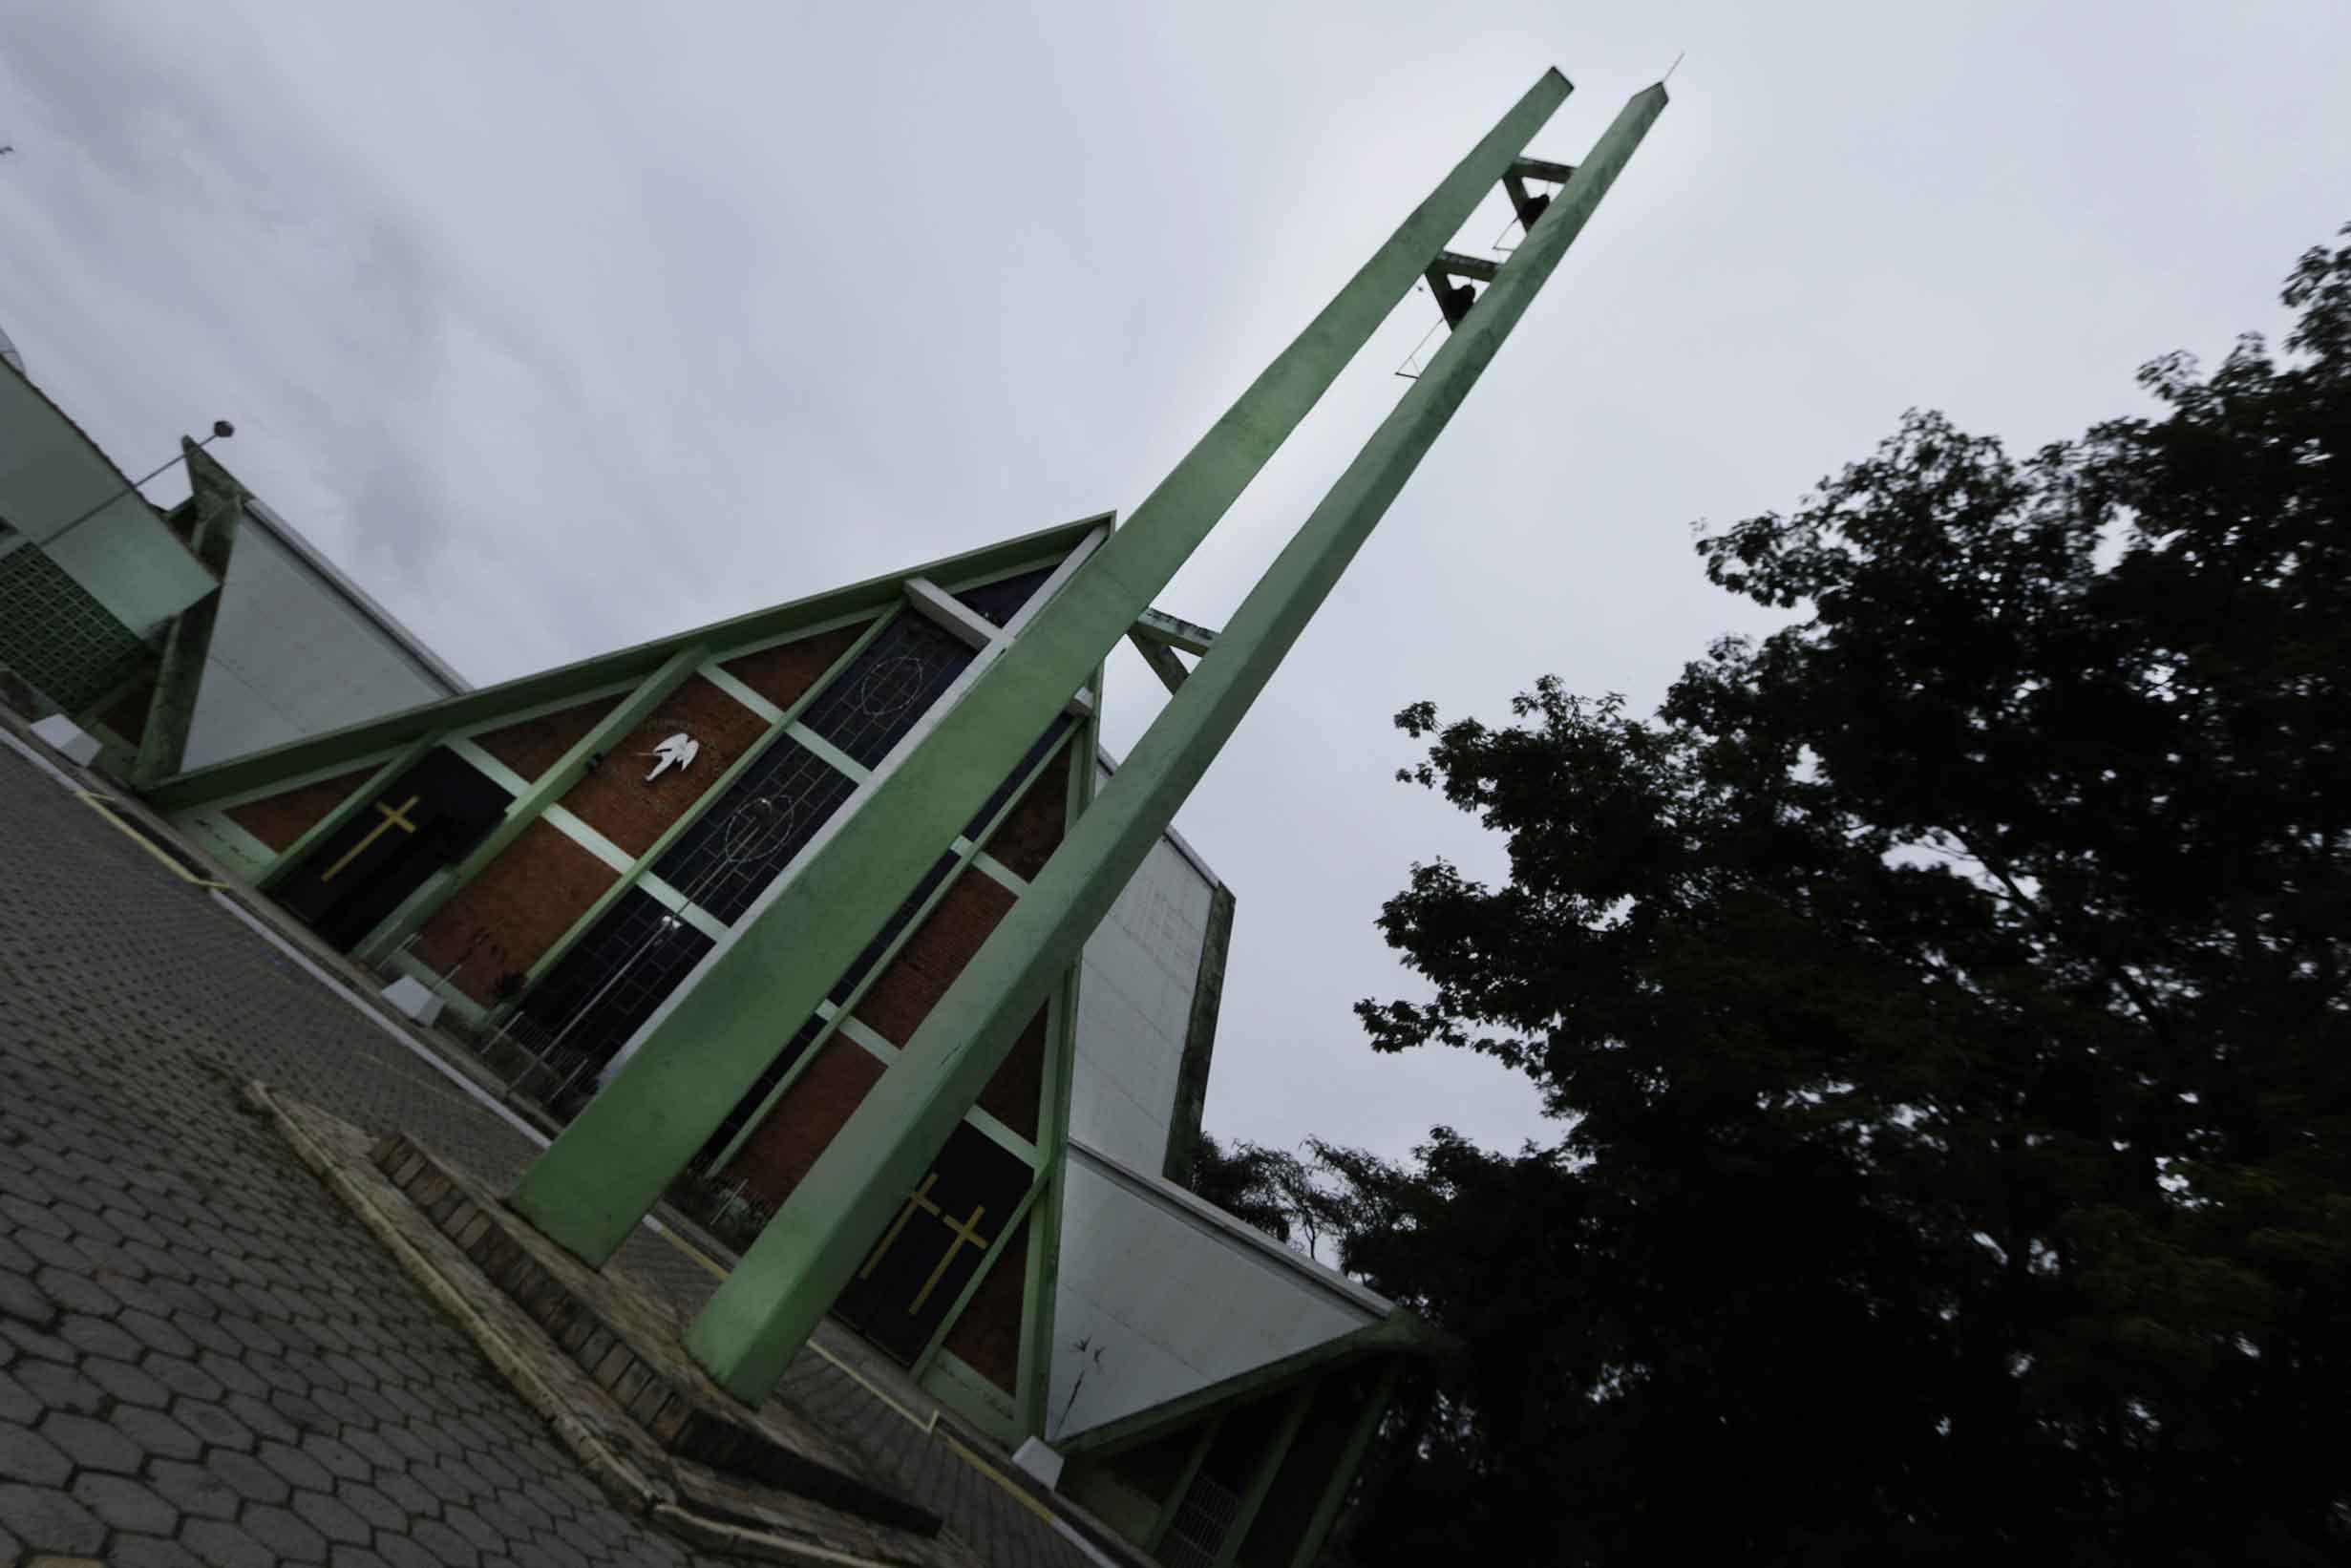 Igreja Matriz São Miguel Arcanjo-Piquete-Turismo-Religioso-Igreja-Matriz-_MG_7883 BX